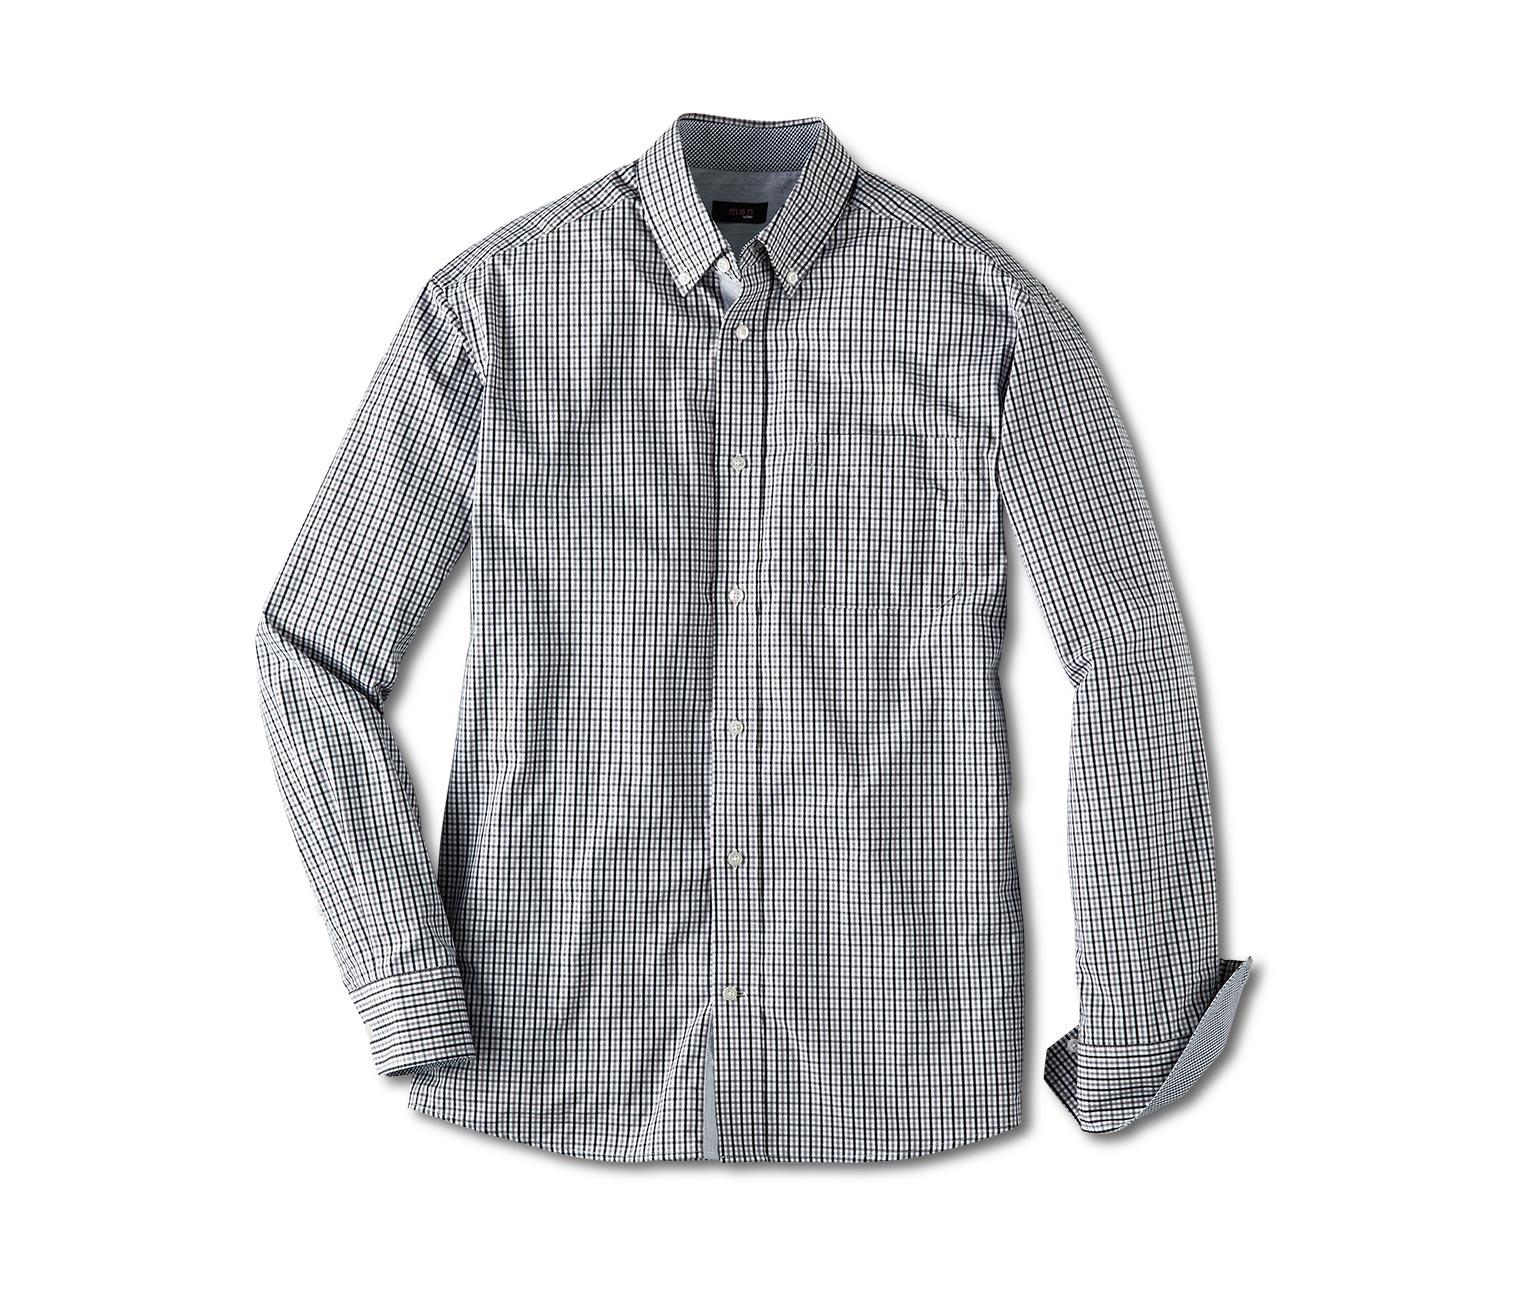 Koszula za 44,99zł z darmowym kurierem w Tchibo